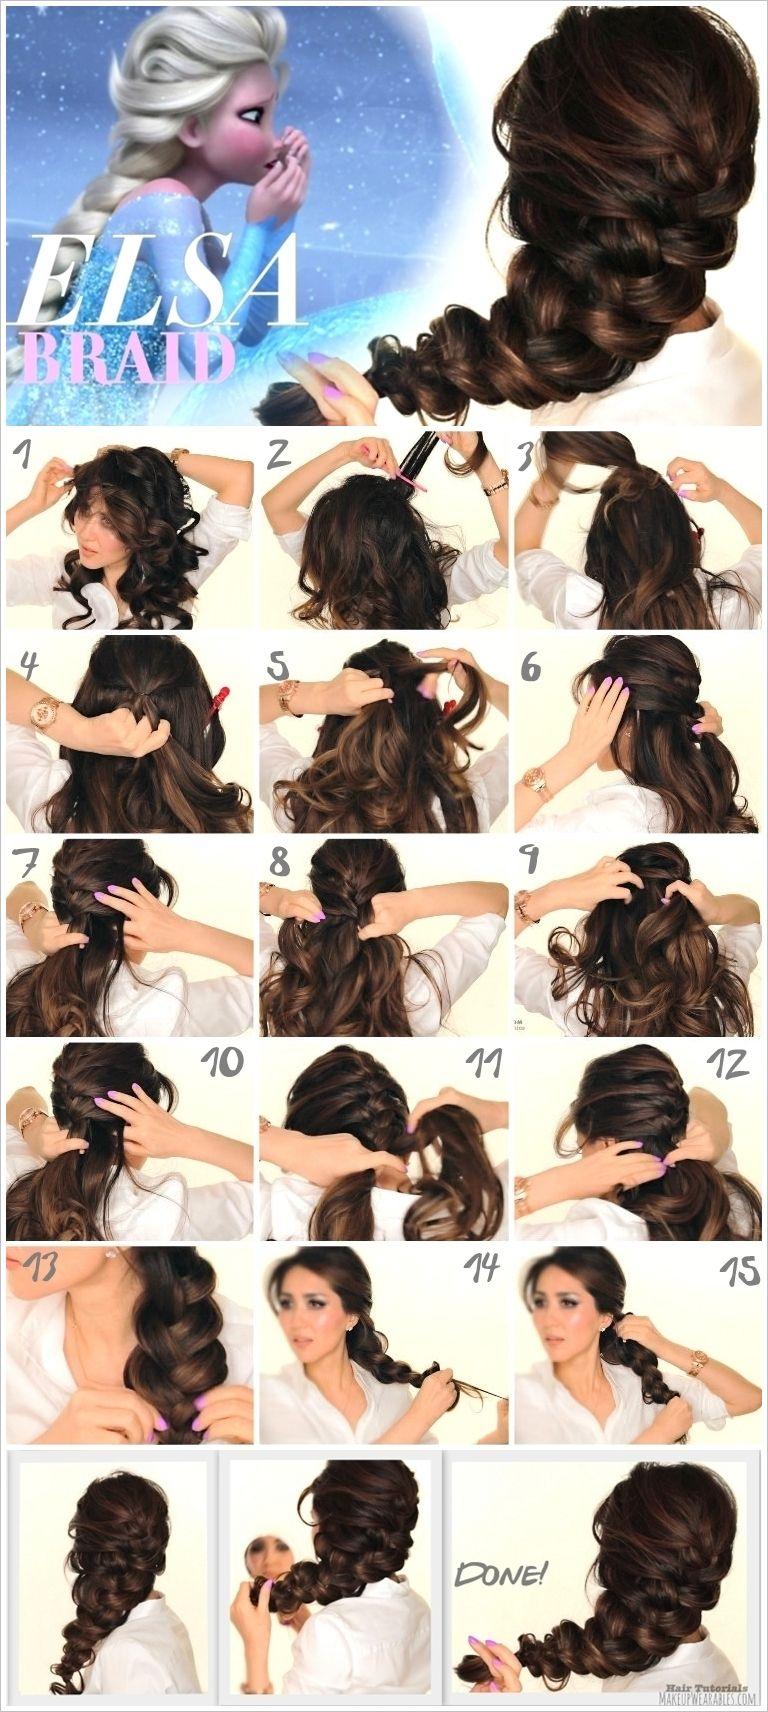 Spectacular disney frozen movie inspired hairstyle tutorials hair